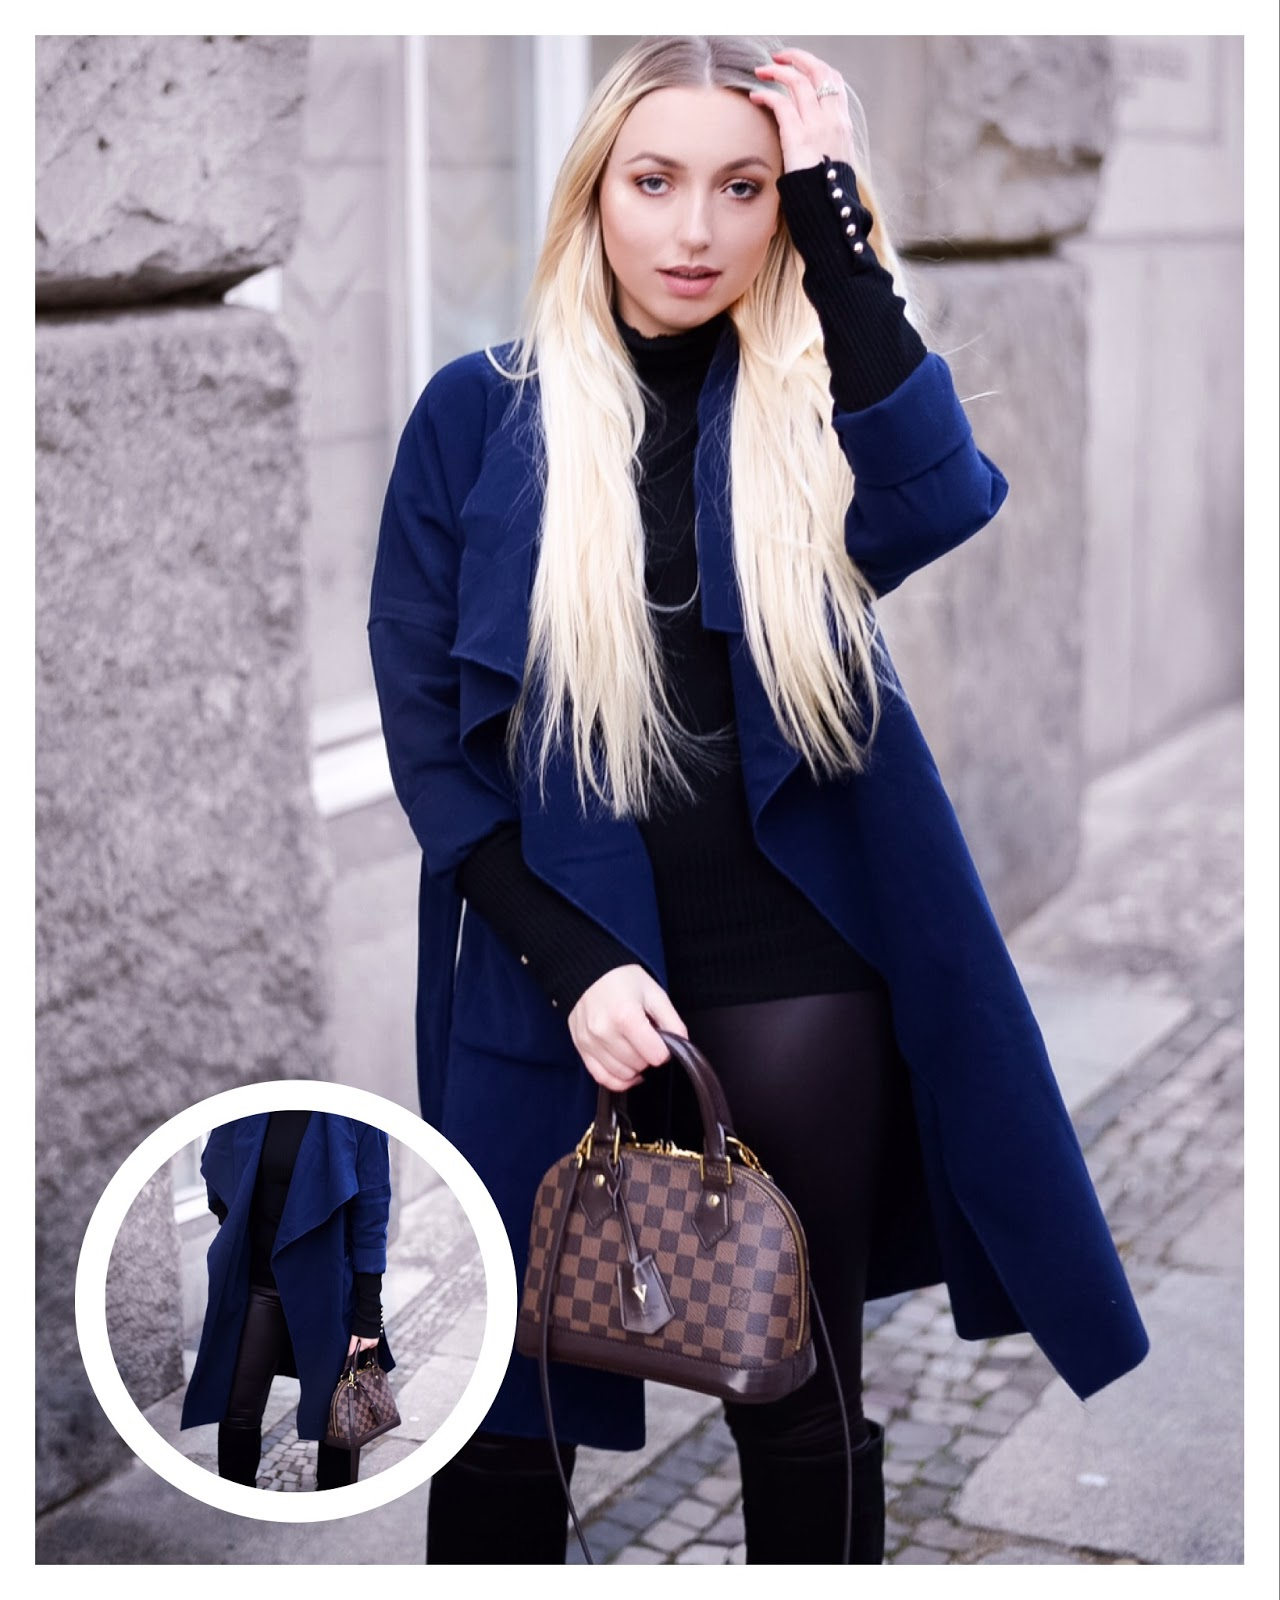 shein navy blue coat, collar coat, bürotaugliche kleidung, bürotauglich outfit